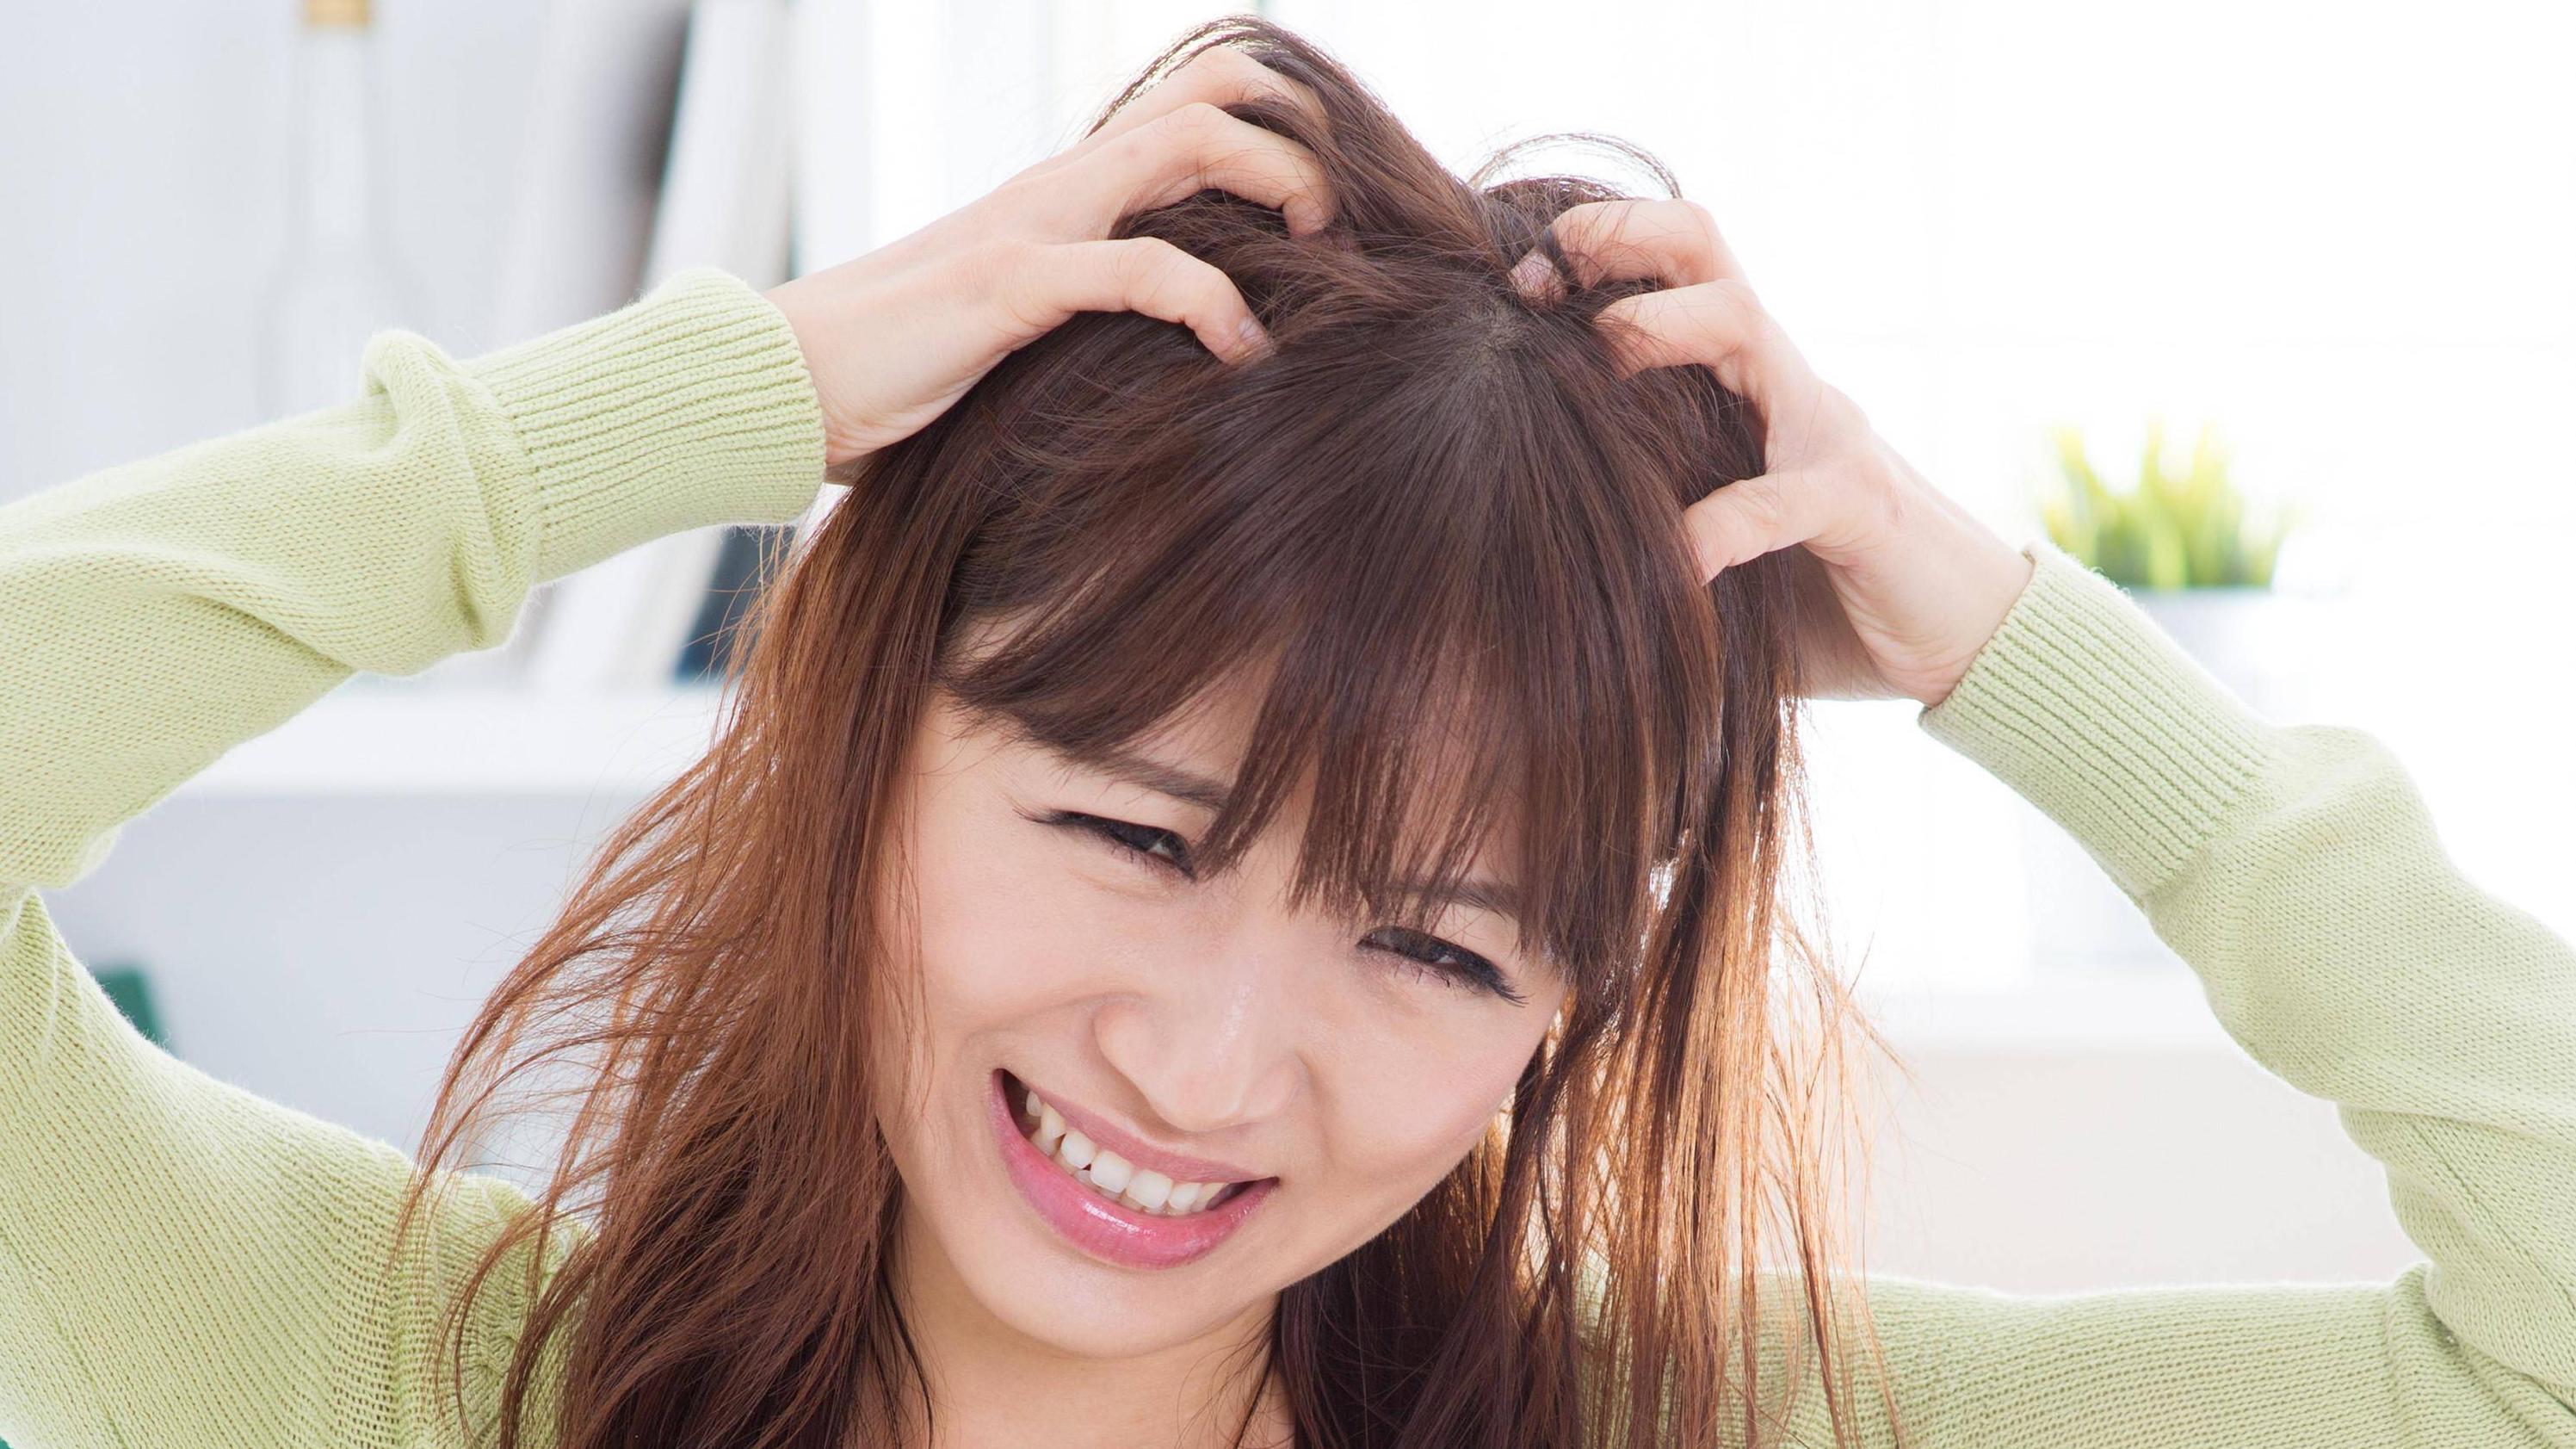 Kopfhaut tut weh: Ursachen und was Sie dagegen tun können